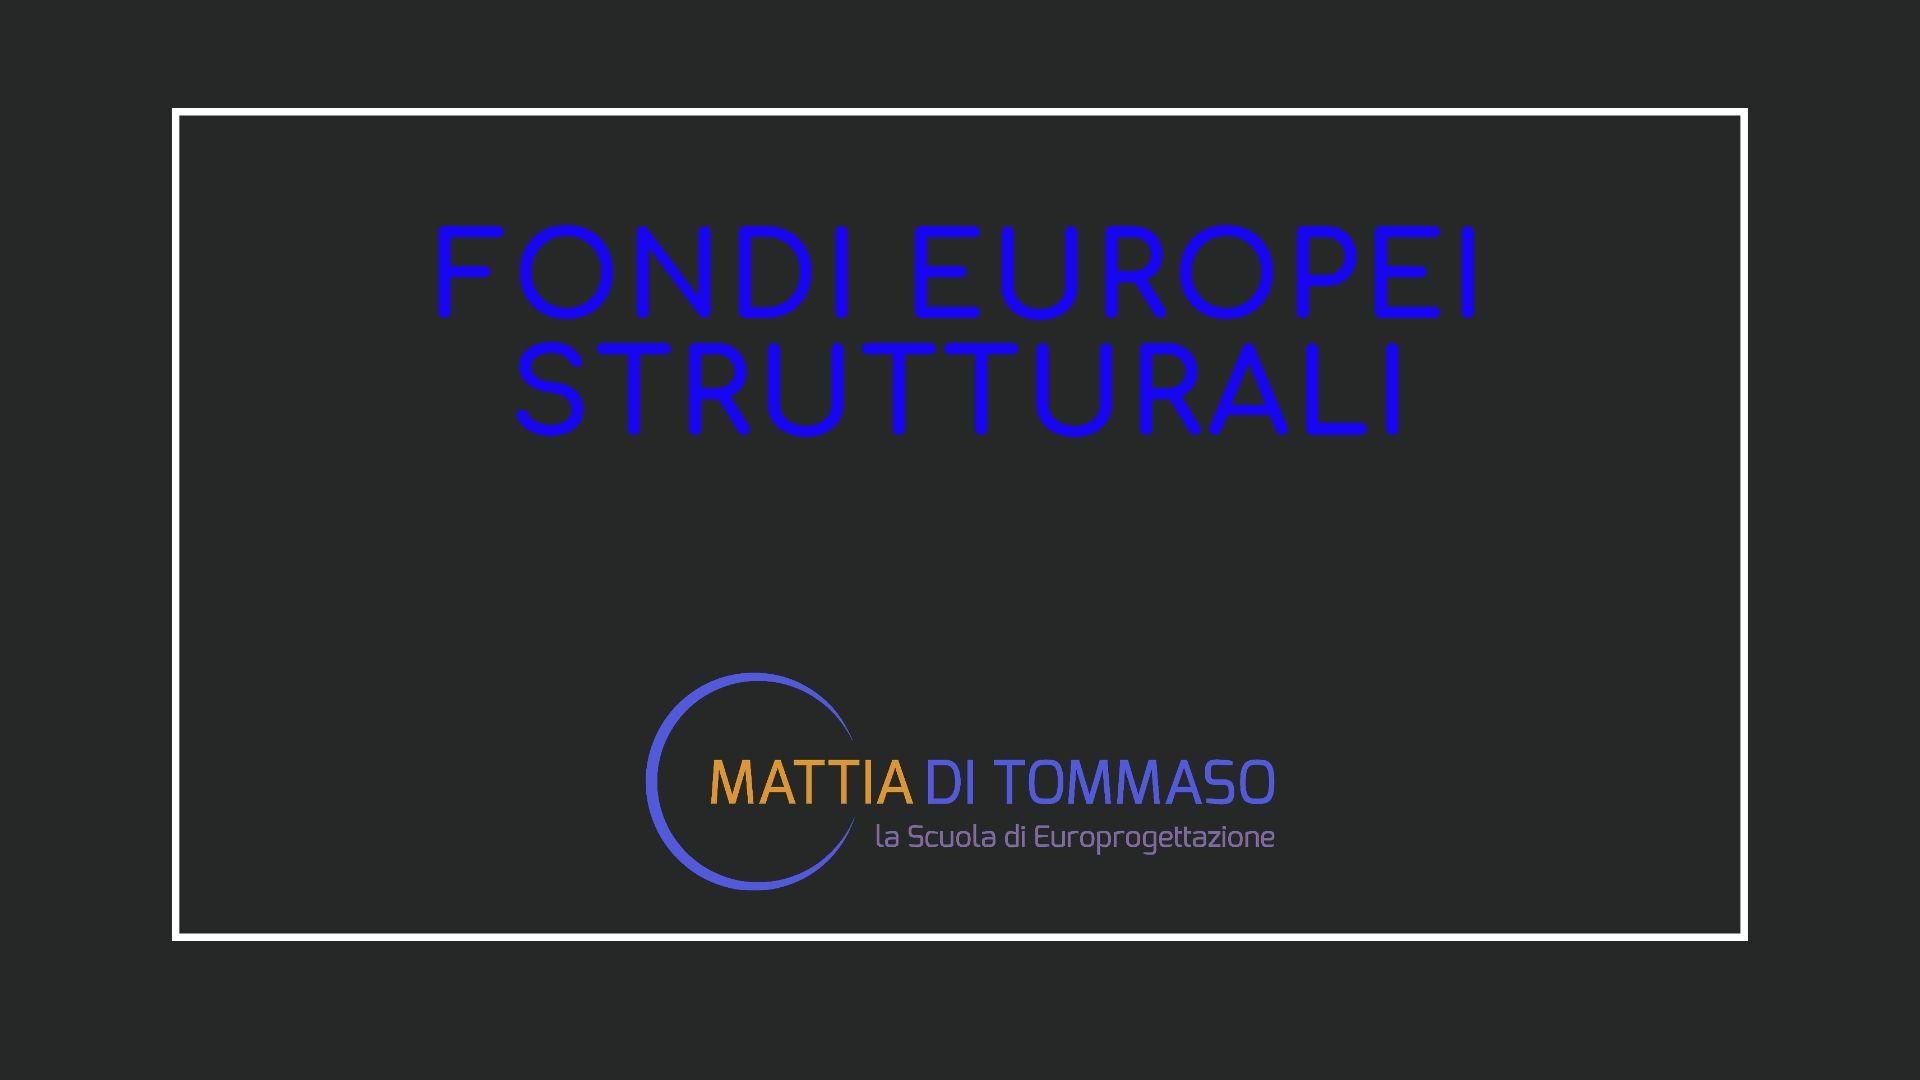 Fondi Europei Strutturali: Un bilancio di 576 miliardi di euro.